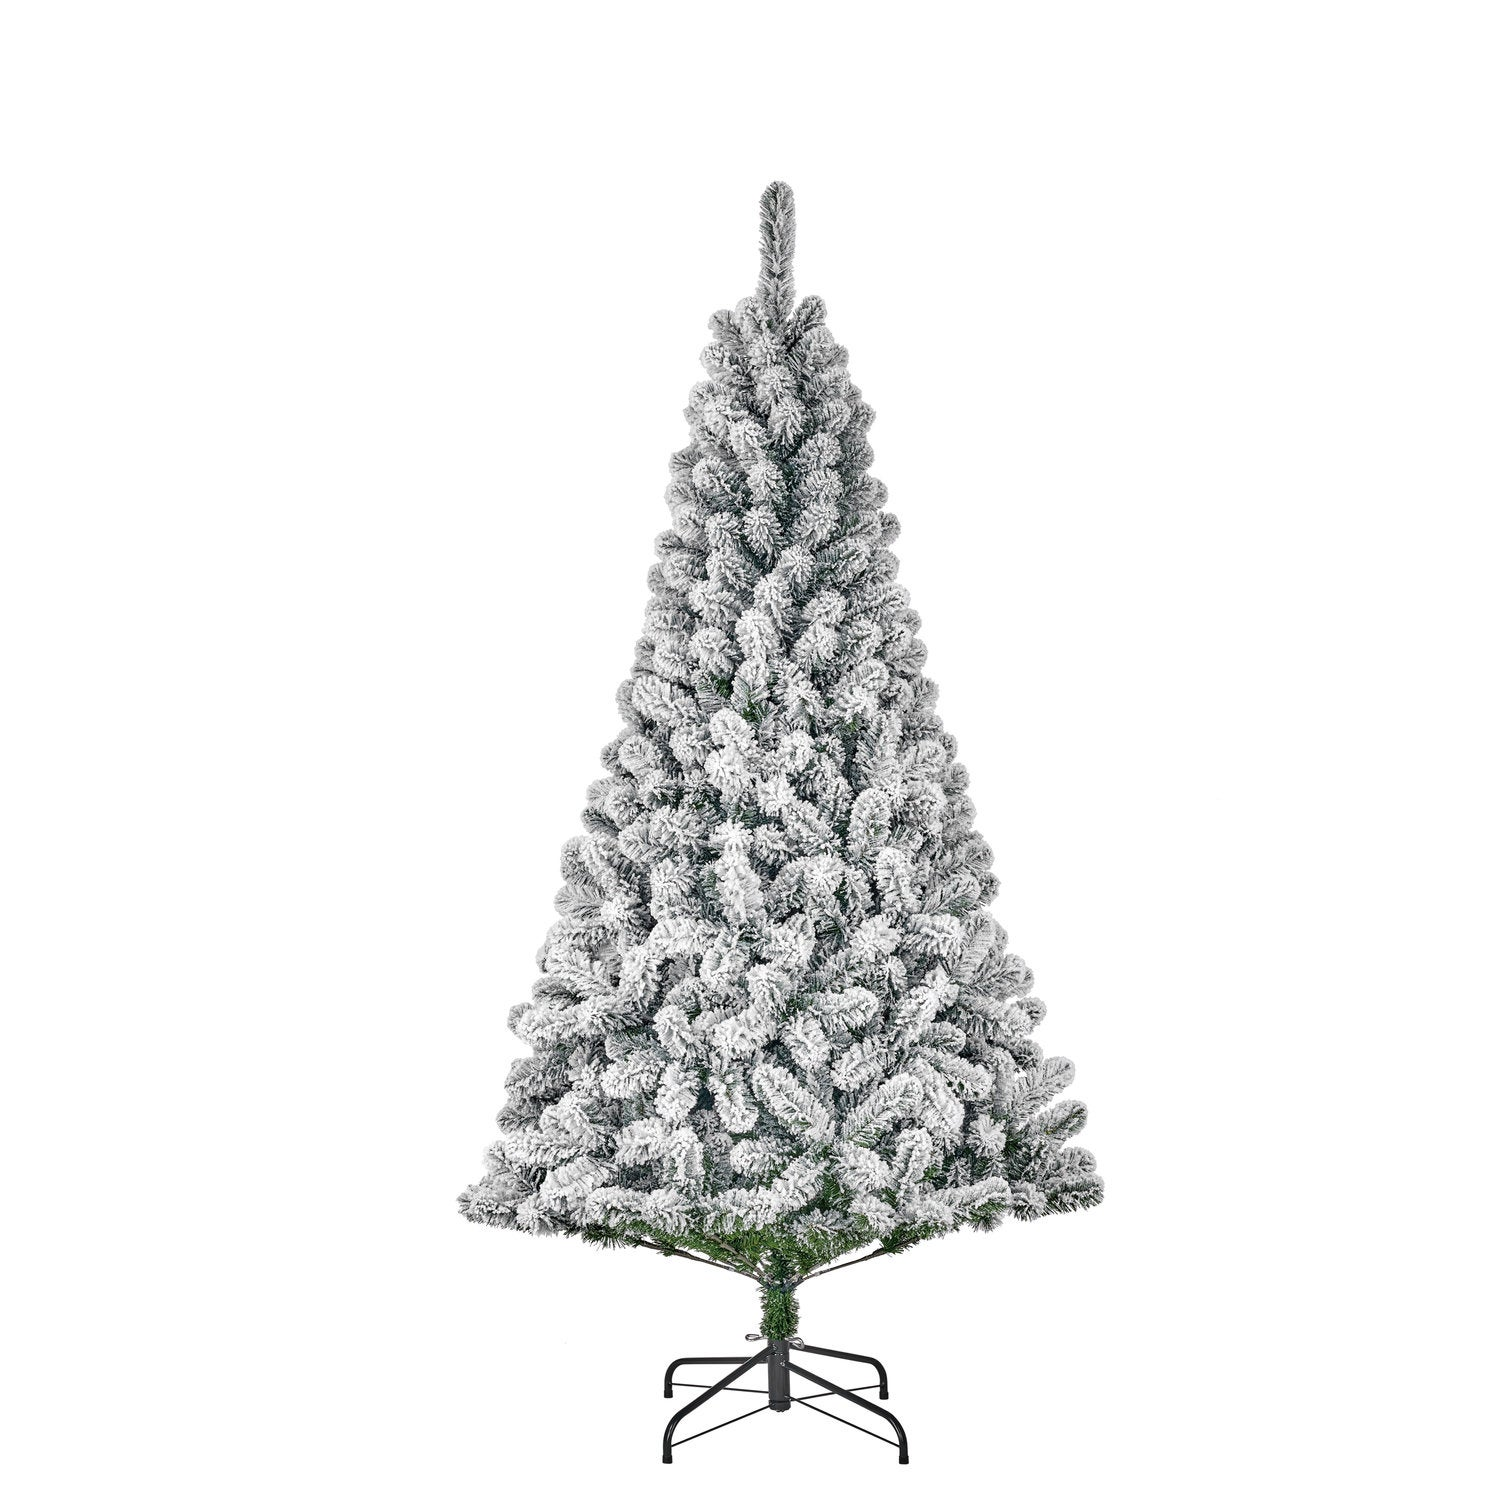 Black Box kunstkerstboom Verbier H 230 cm groen